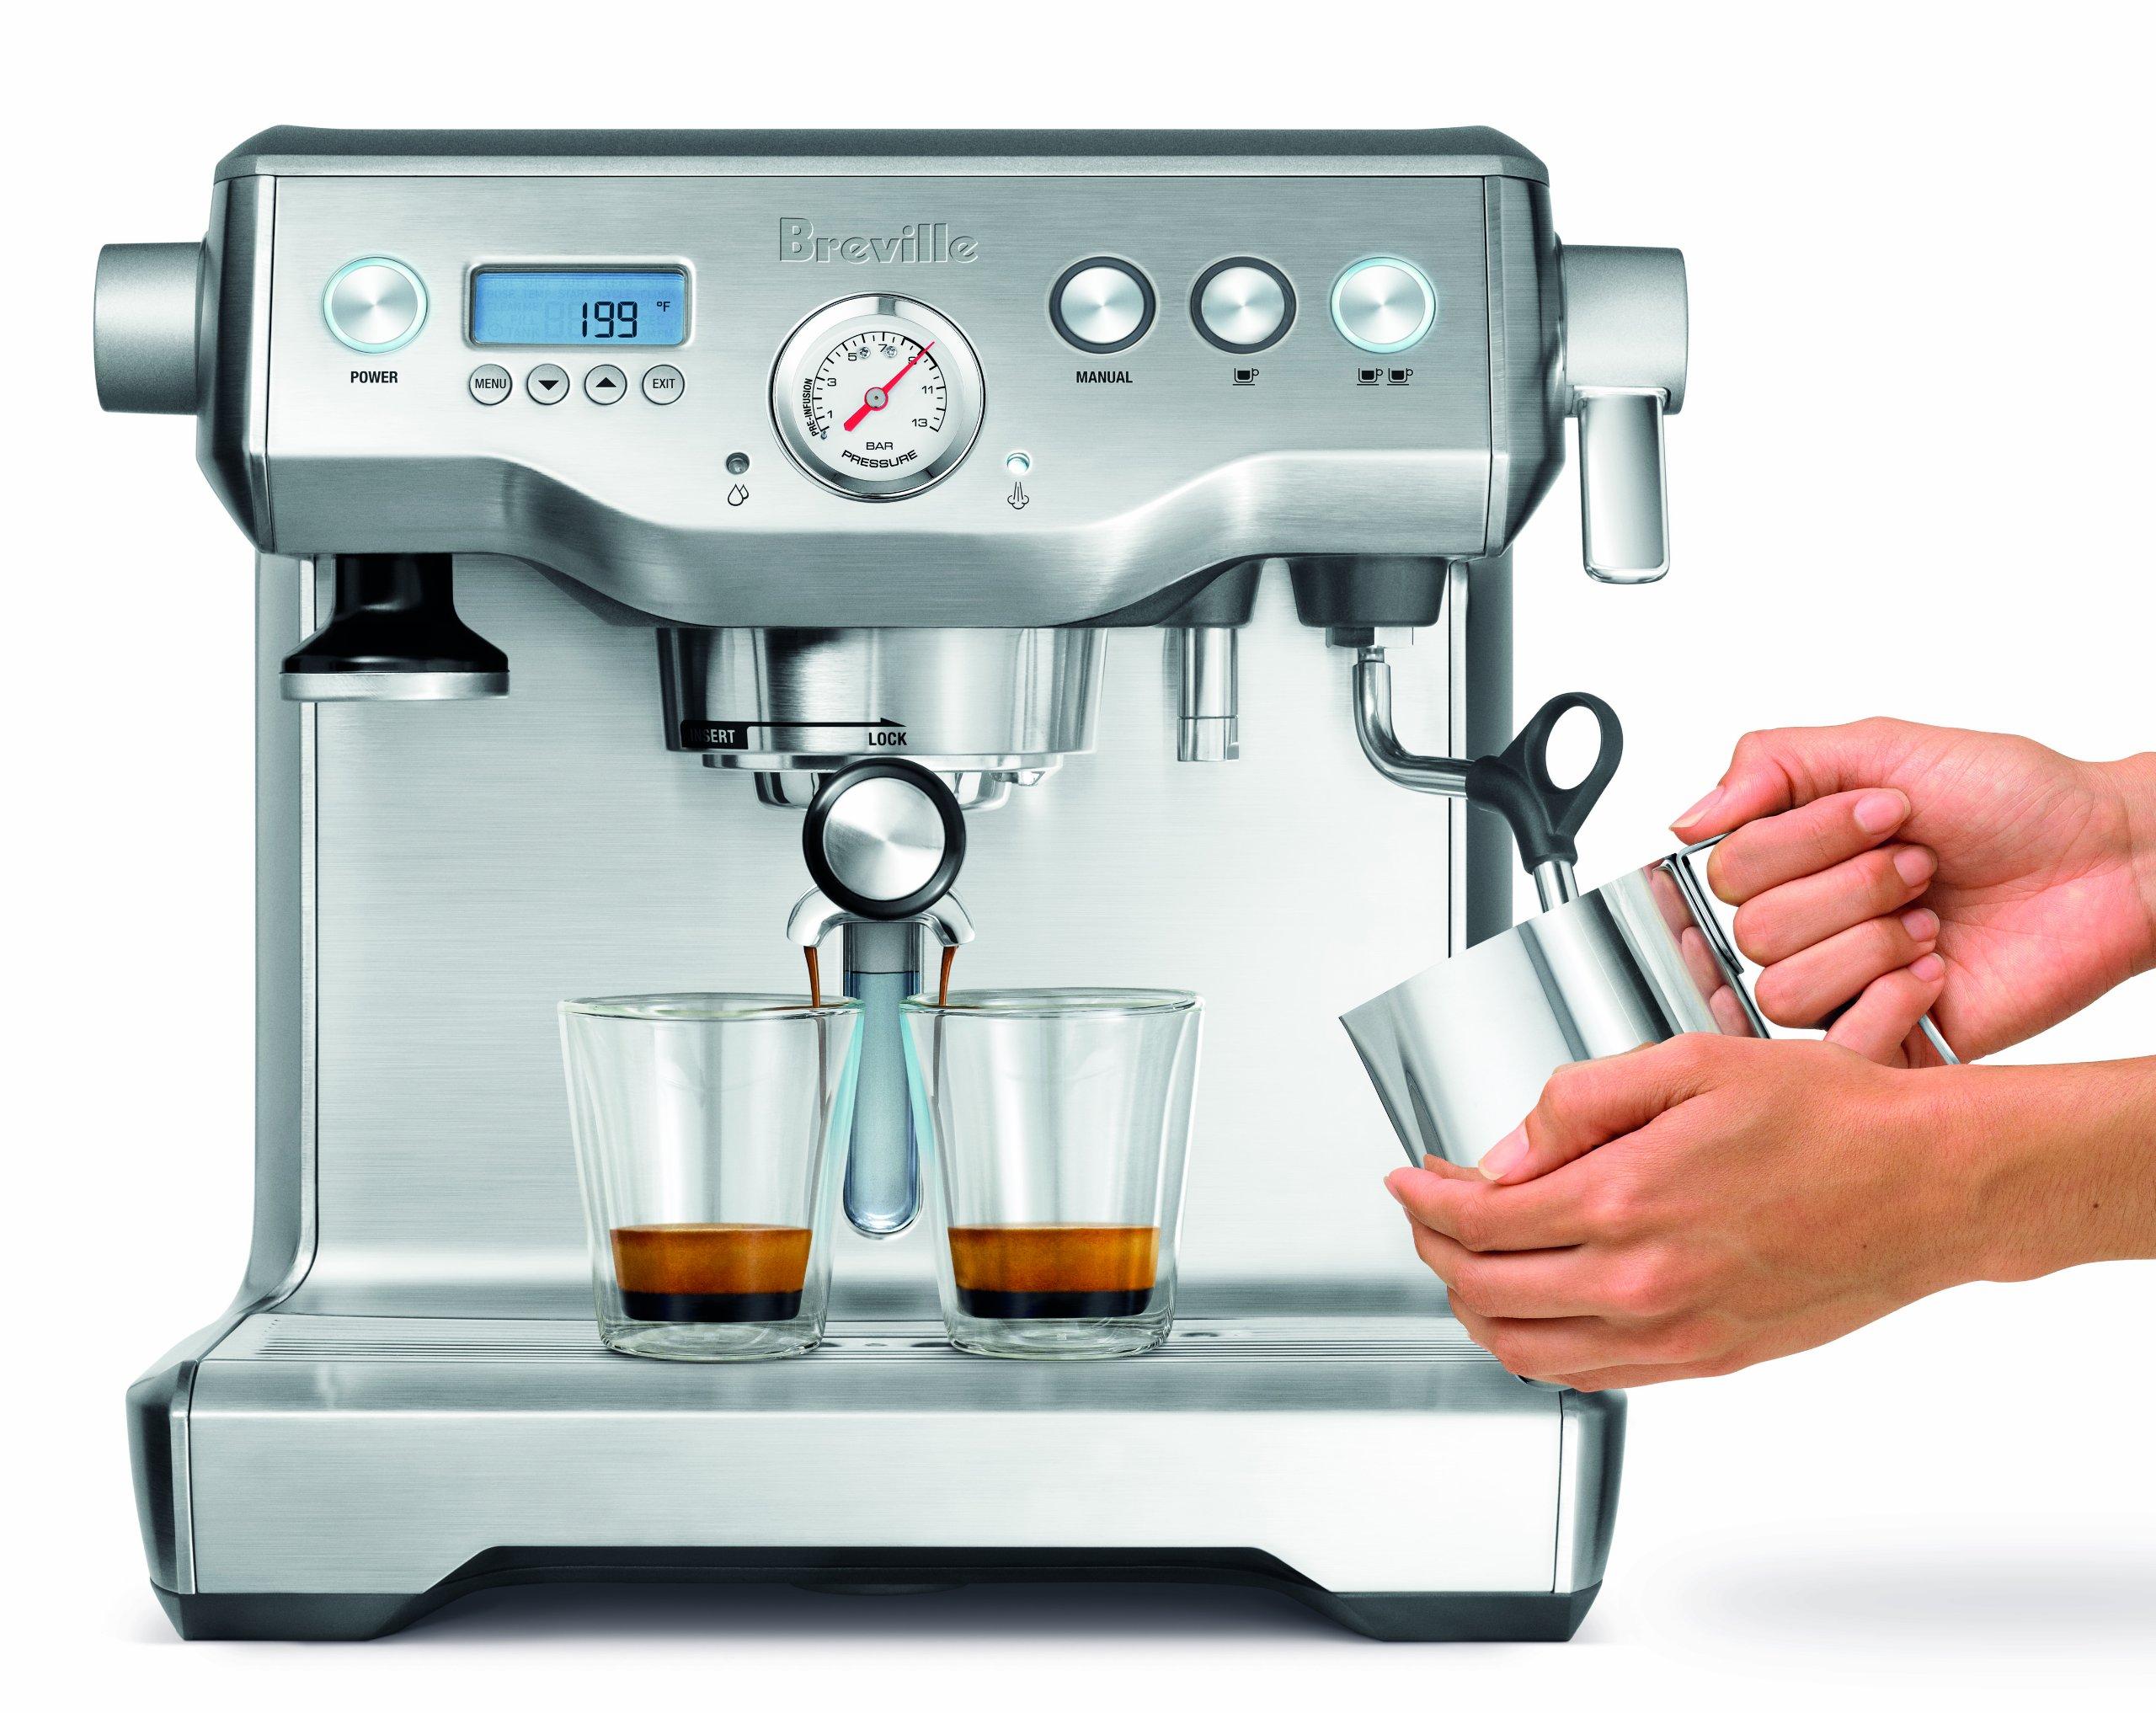 Breville BES920XL Máquina espresso - Cafetera (Máquina espresso): Amazon.es: Hogar